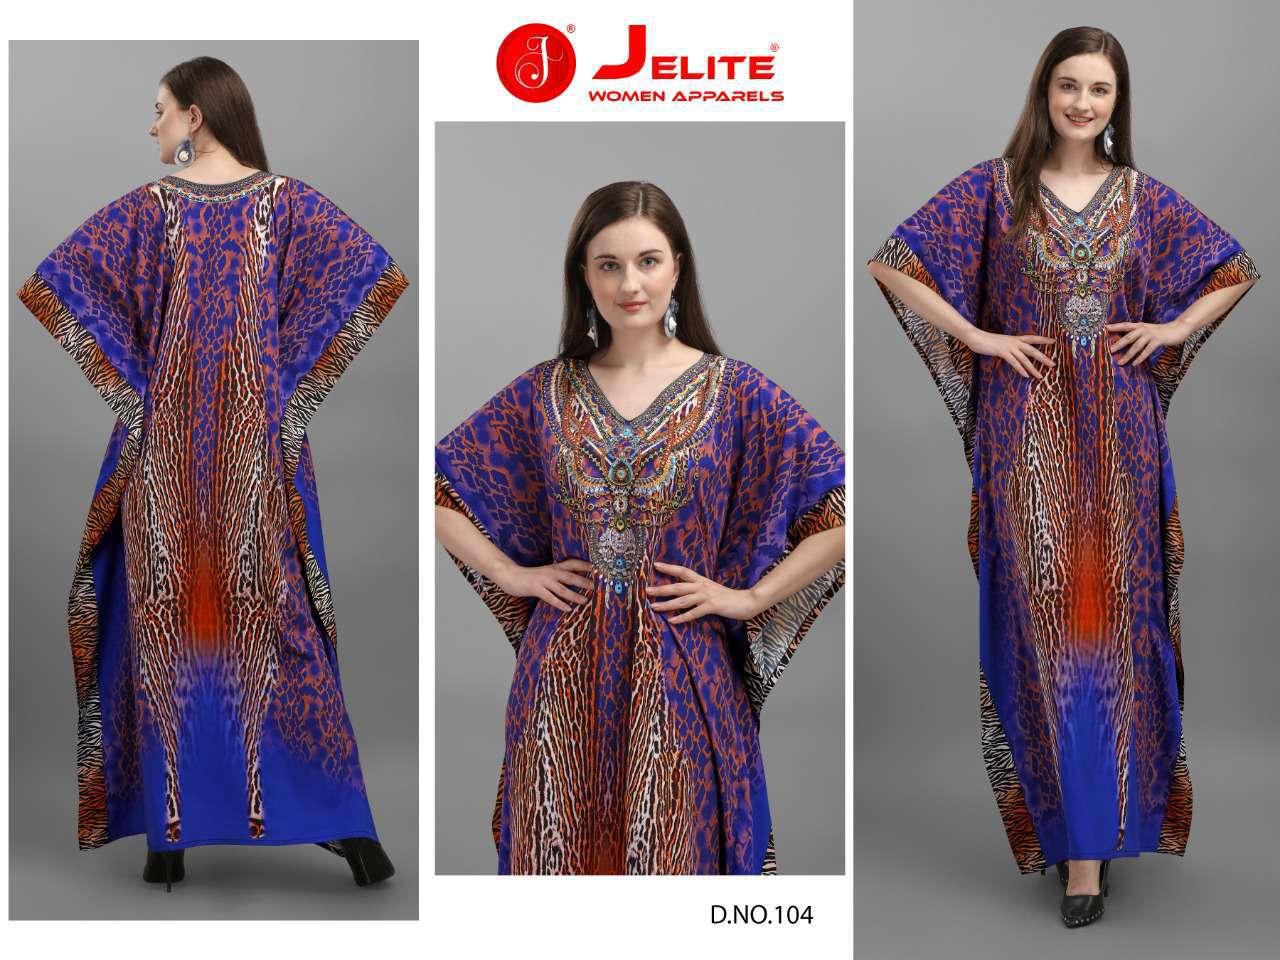 Jelite Afreen Kaftans Kurti Wholesale Catalog 8 Pcs 2 - Jelite Afreen Kaftans Kurti Wholesale Catalog 8 Pcs